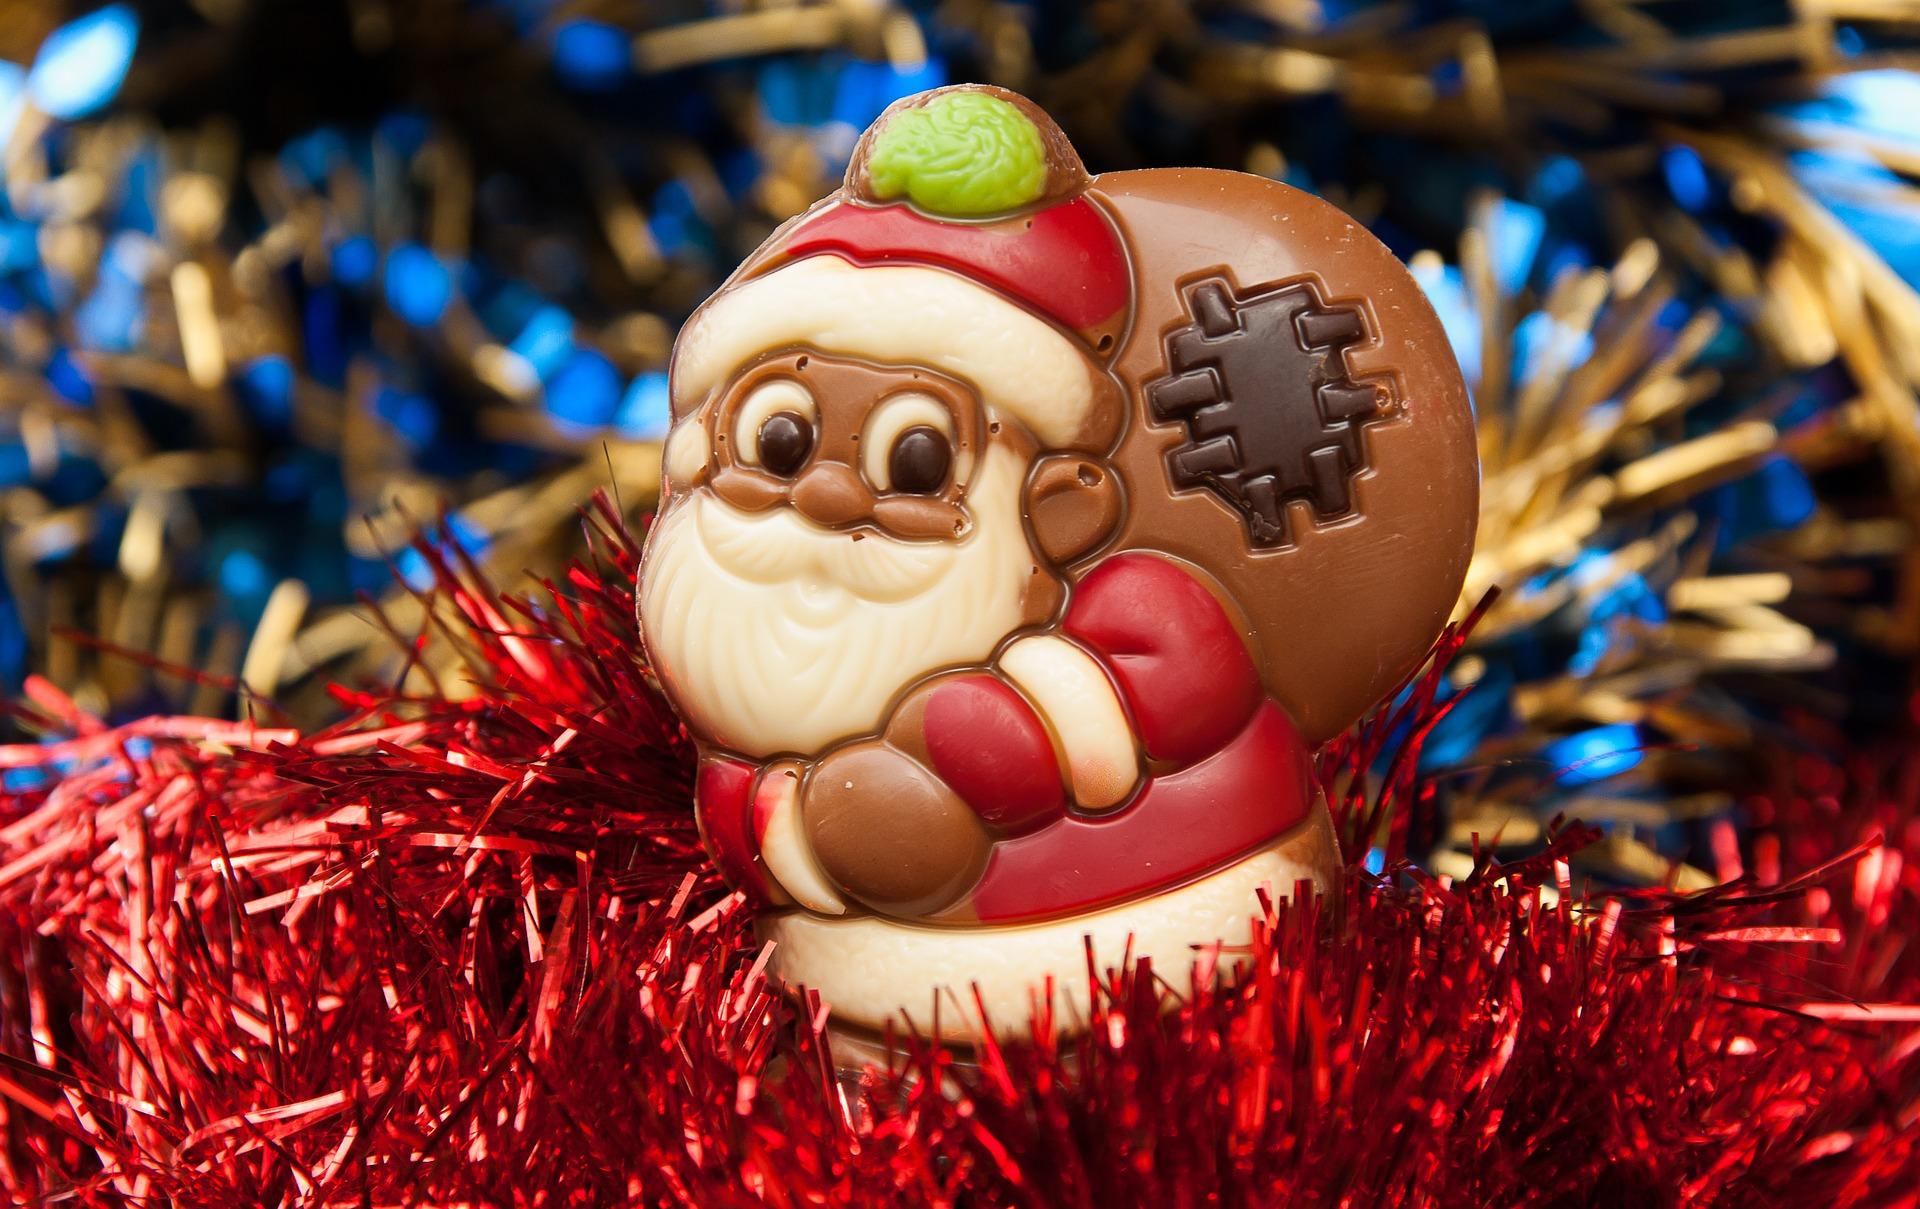 Die Perfekte Weihnachtsfeier.Oh Du Fröhliche So Planen Sie Die Perfekte Weihnachtsfeier